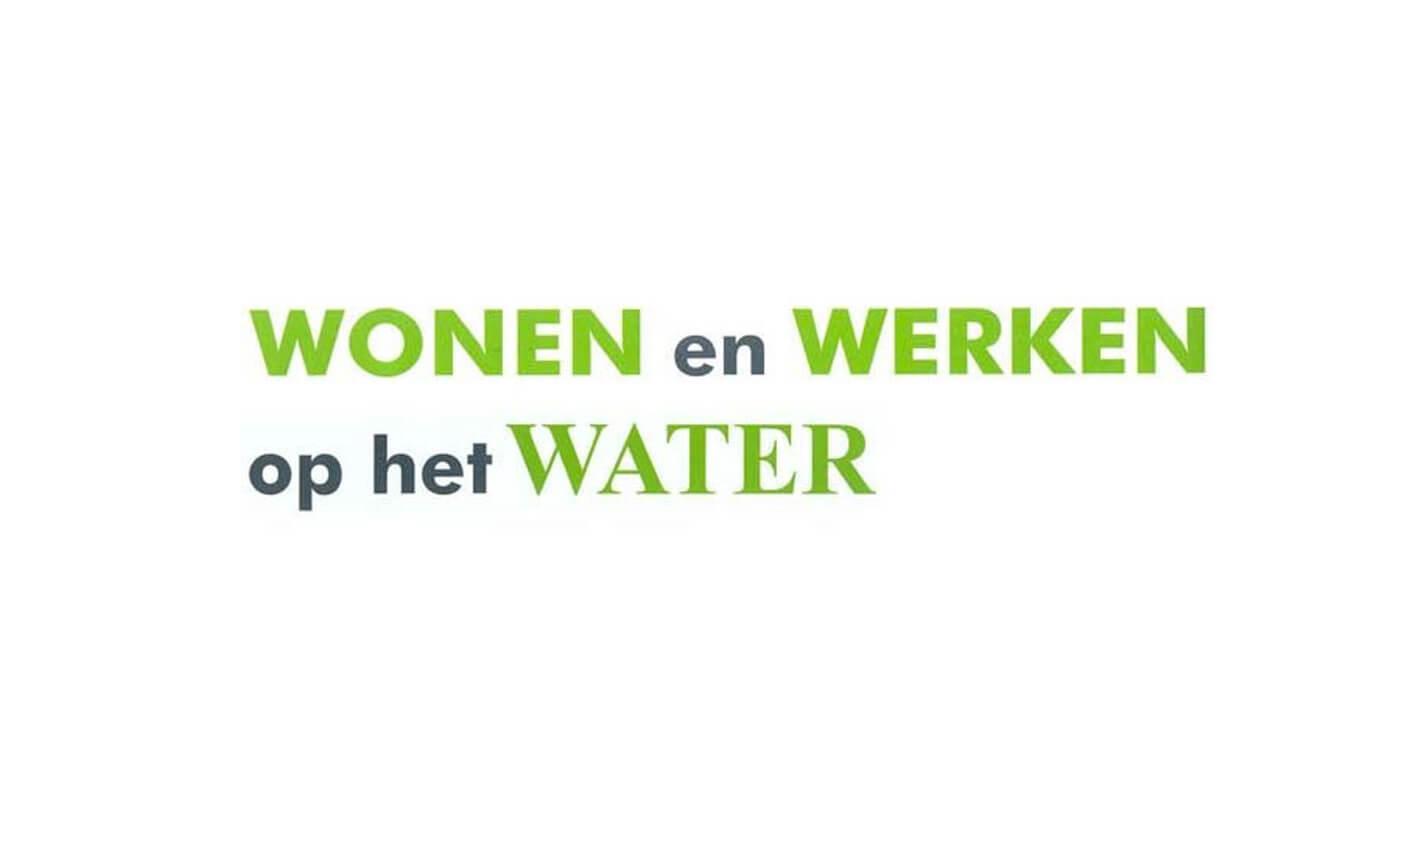 Wonen En Werken Op Water. Het Is Al Toekomst